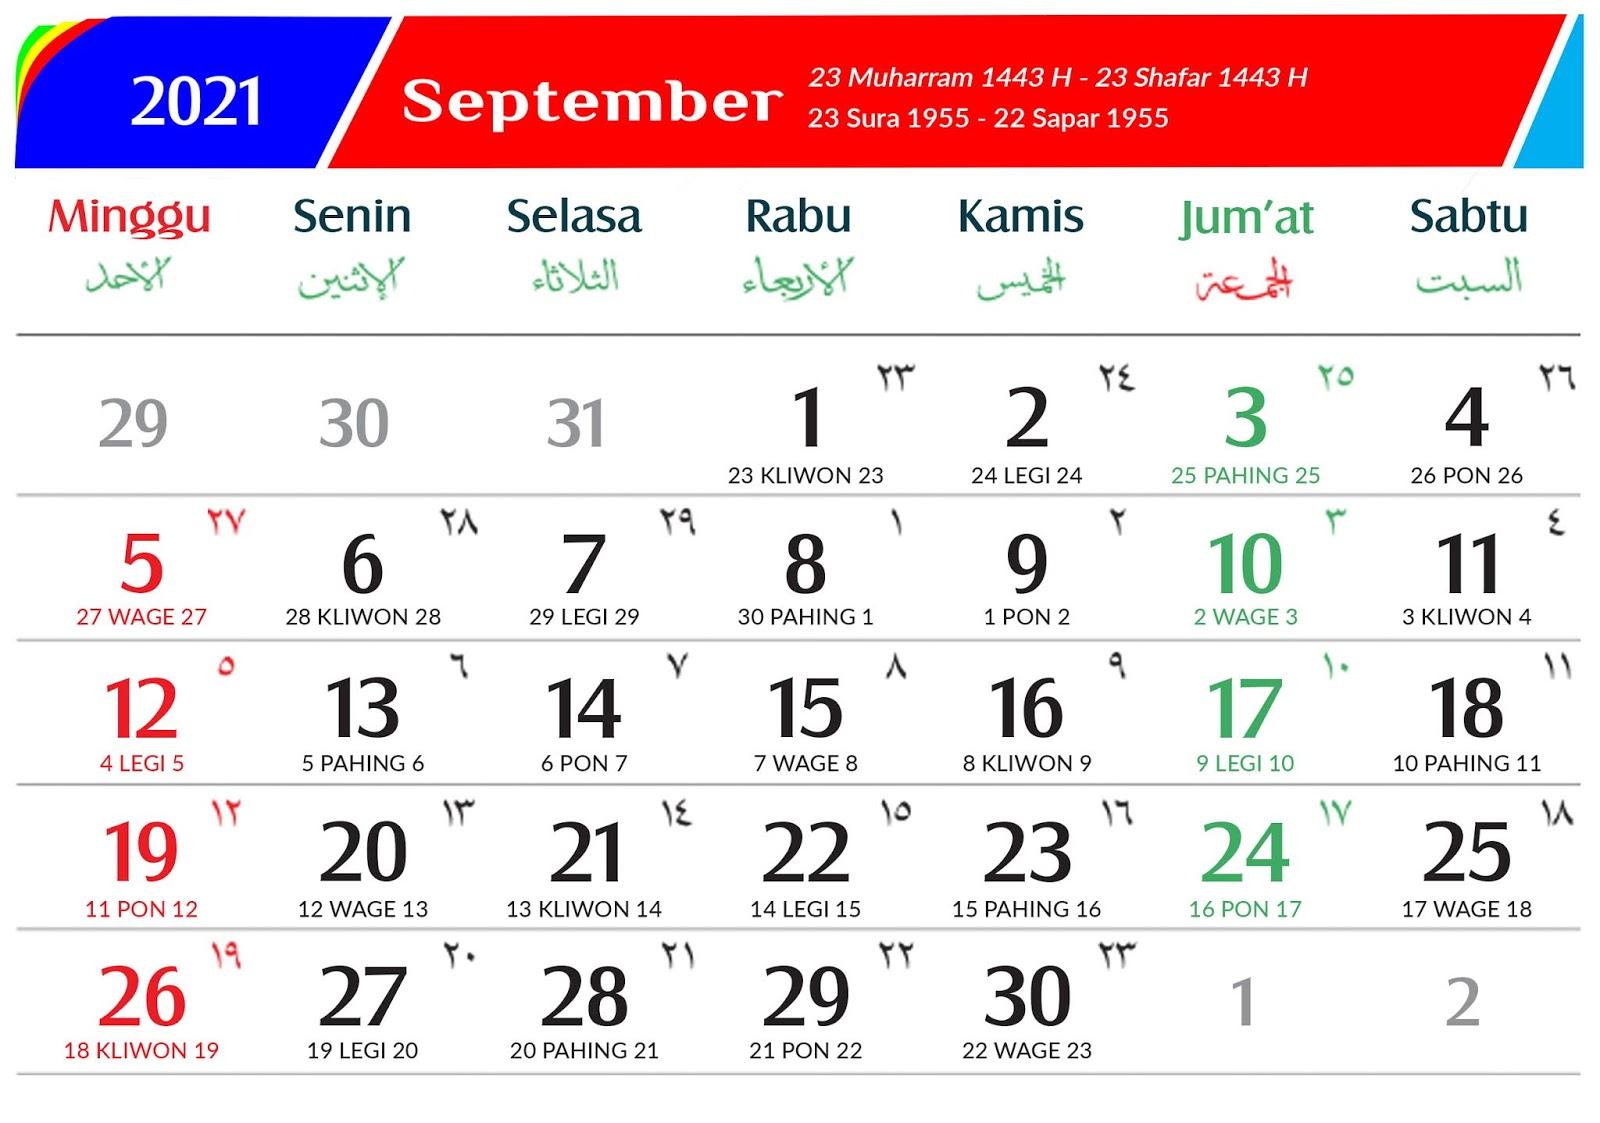 Download Kalender 2021 Gratis - Aflah Sentosa